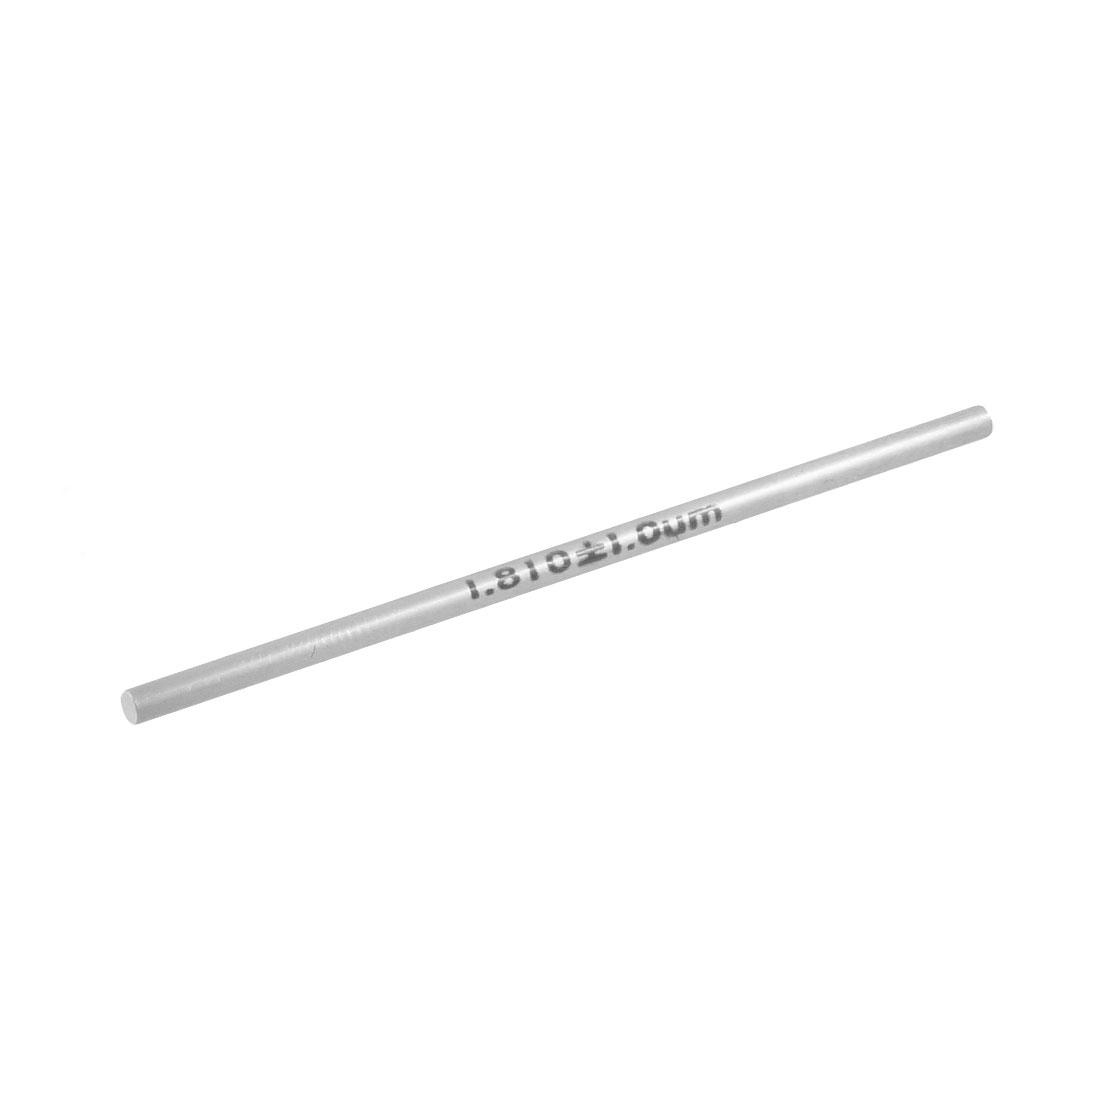 Tungsten Carbide 1.81mm Diameter Plug Pin Gage Gauge w Storage Box